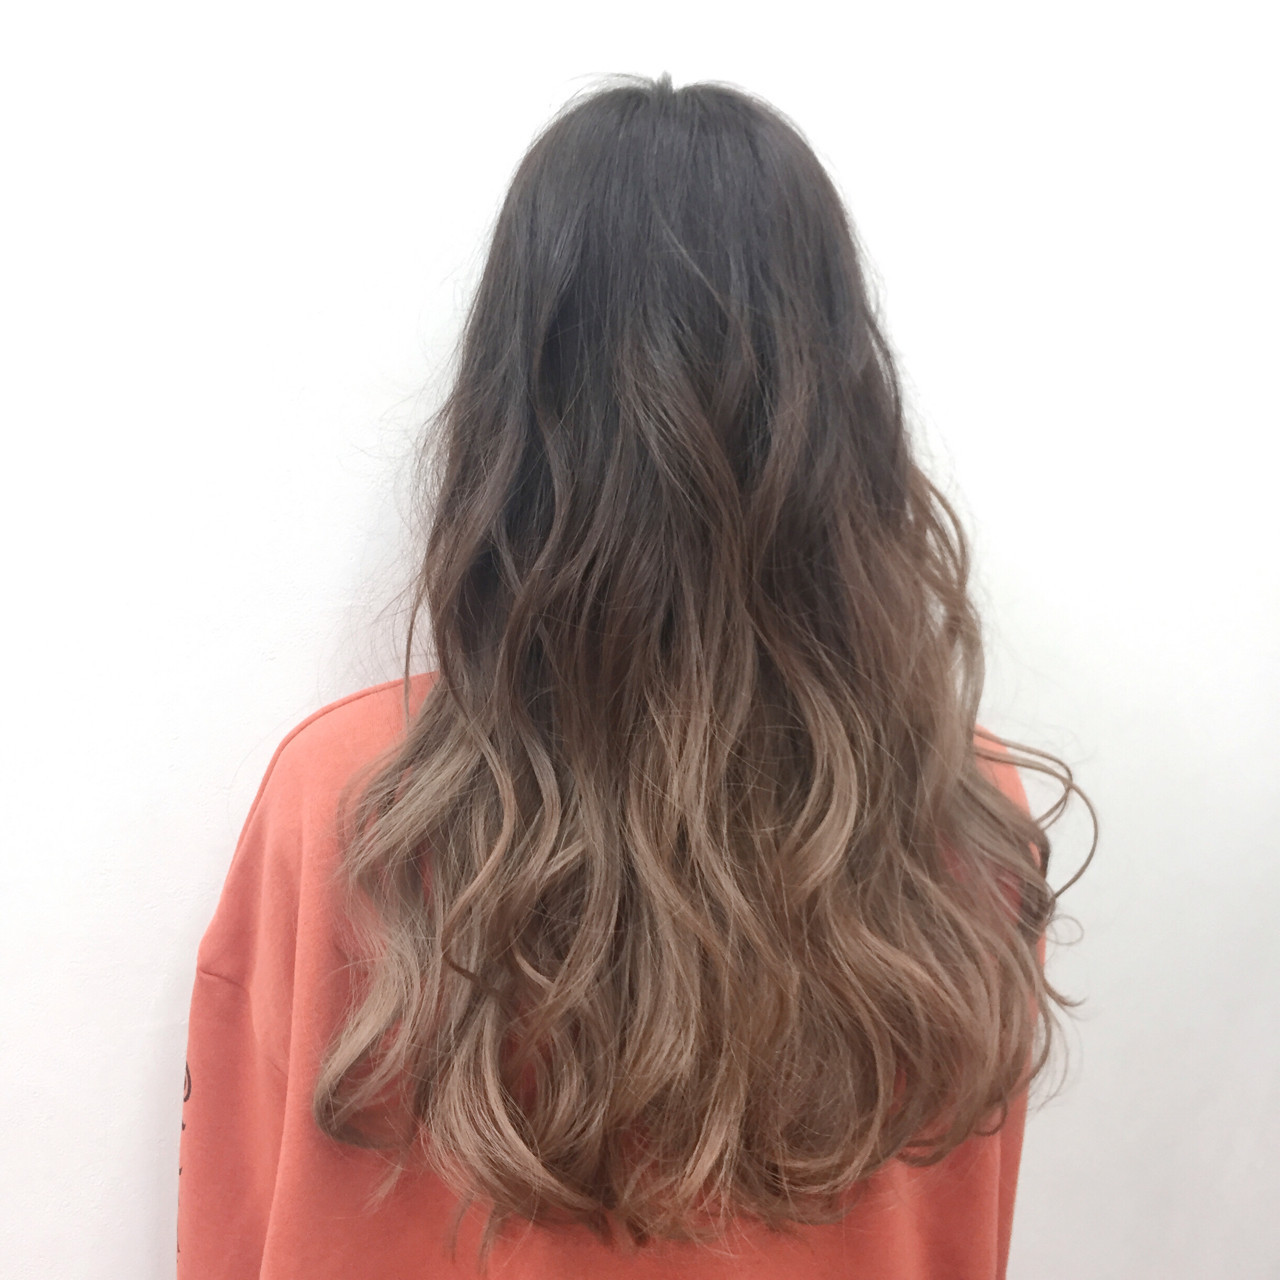 ピンク ベージュ ミルクティー 春 ヘアスタイルや髪型の写真・画像